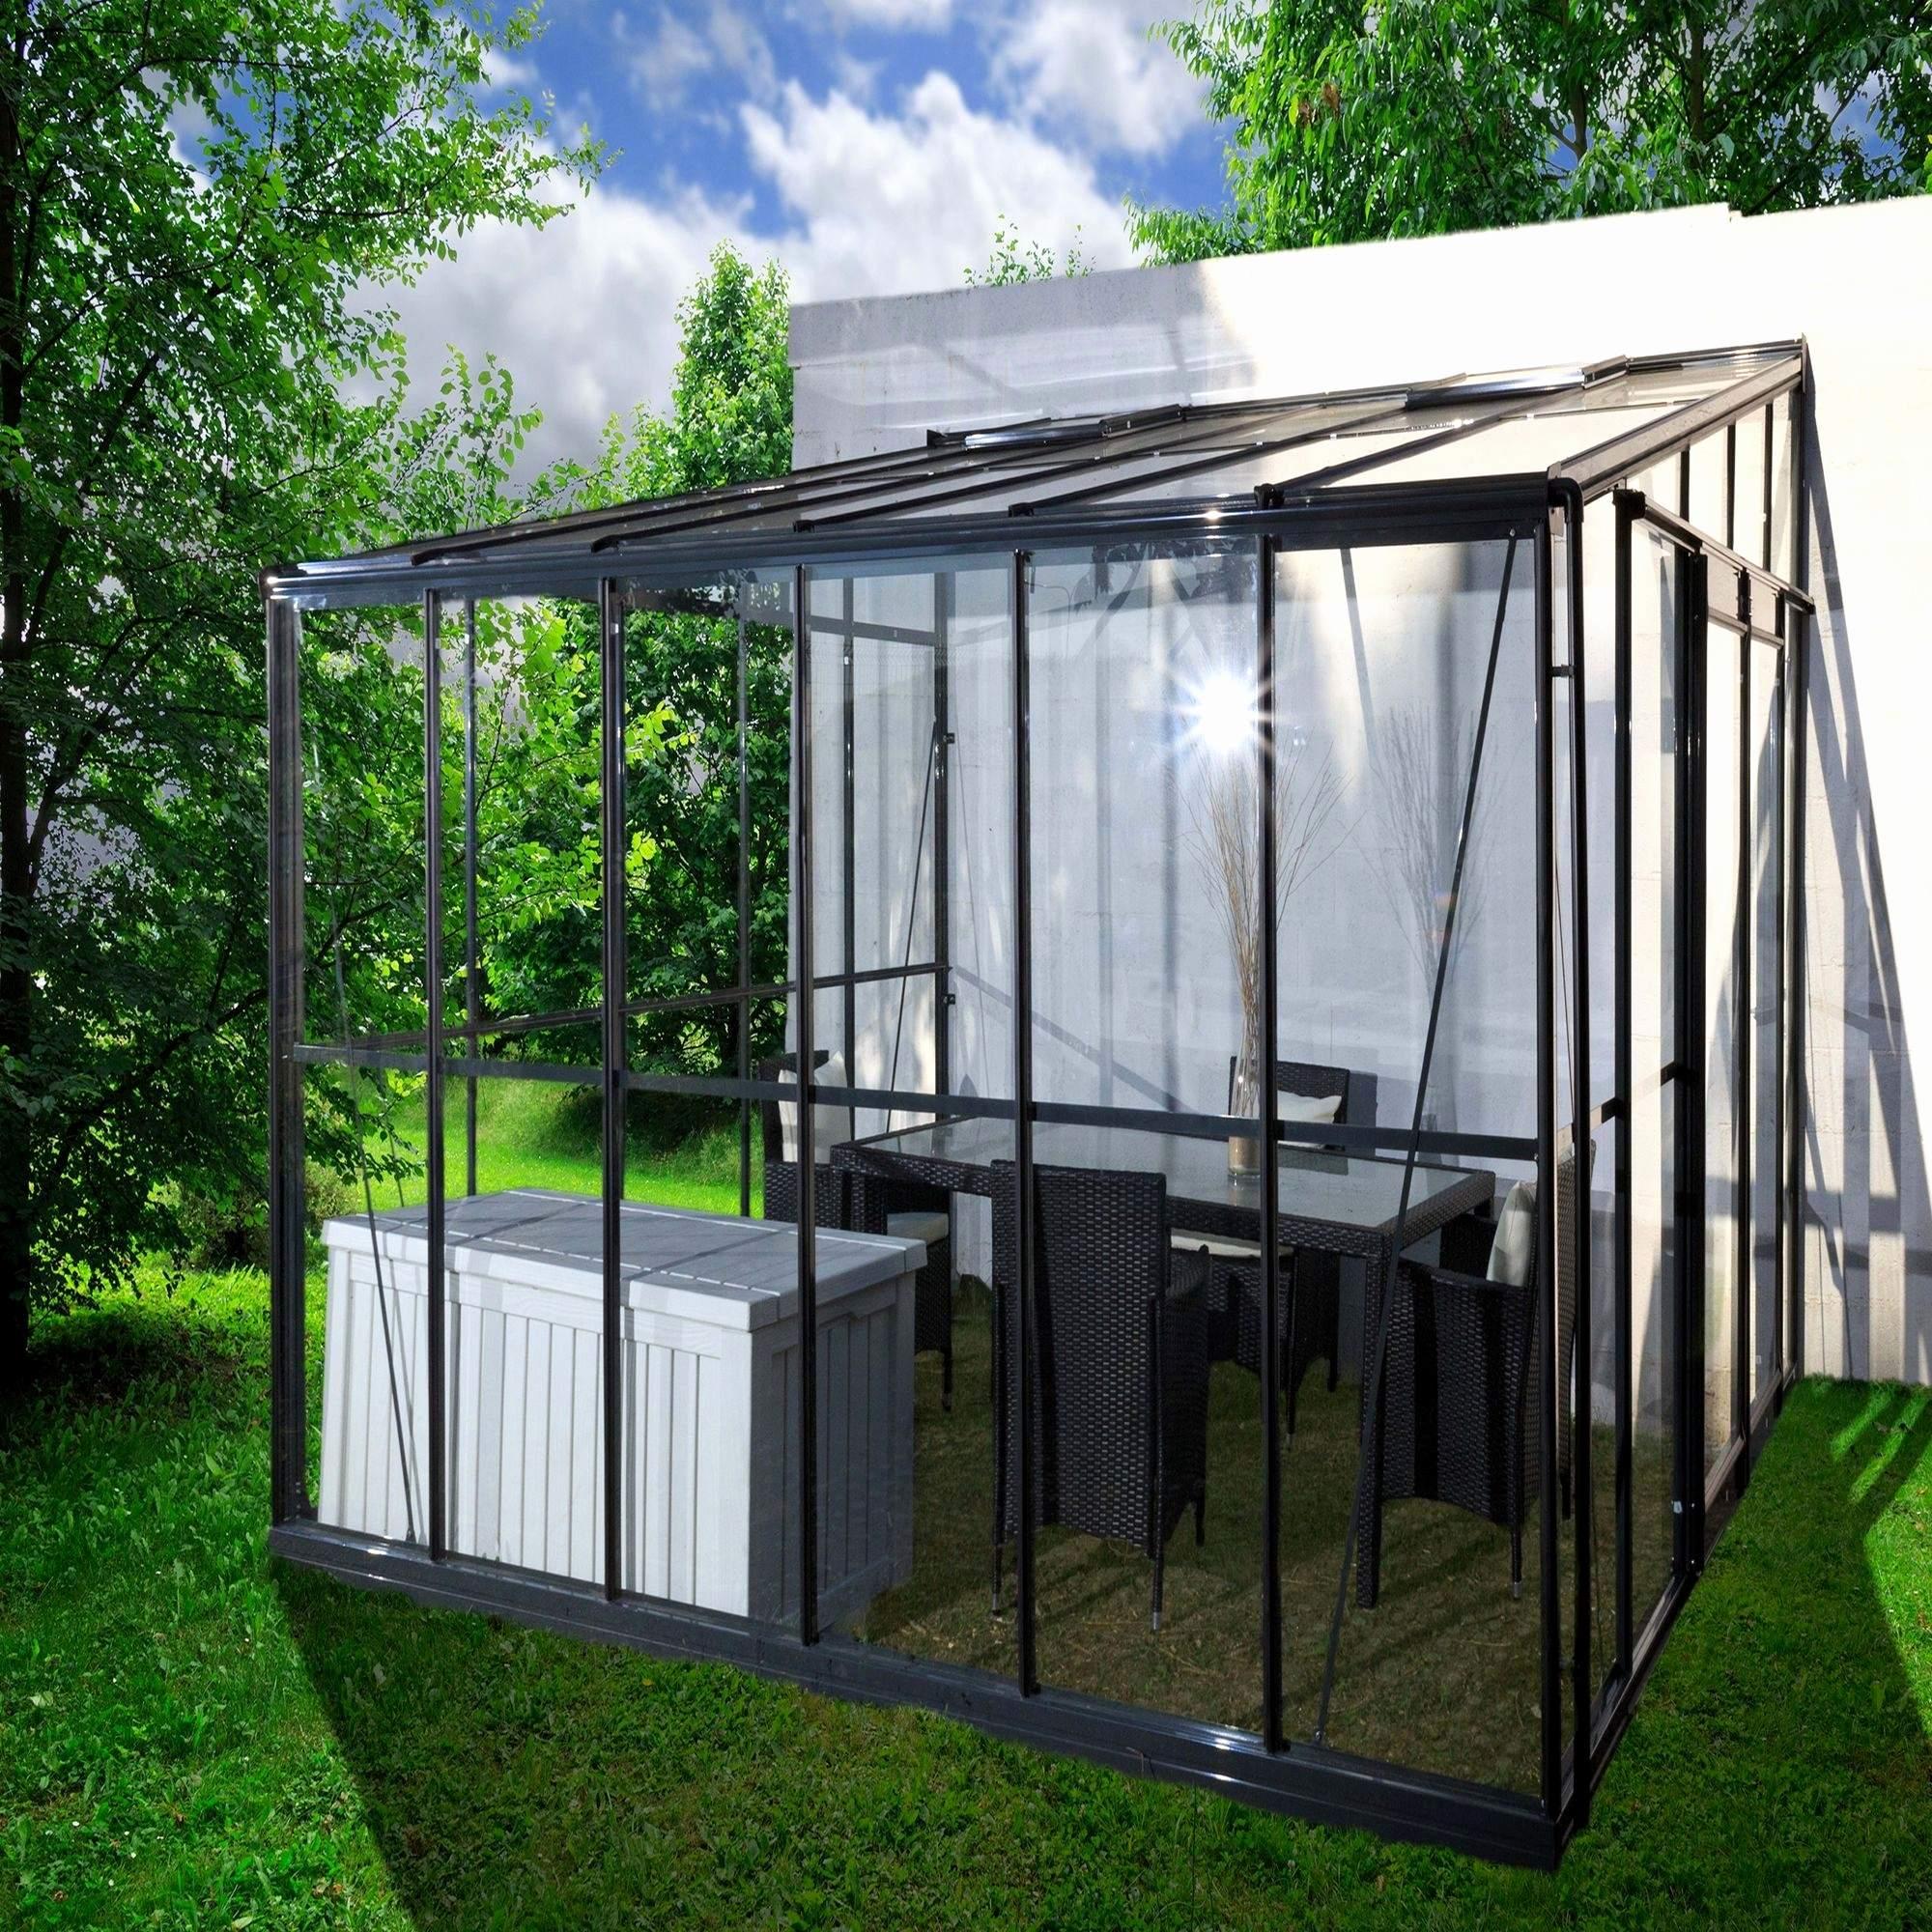 Bureau De Jardin Leroy Merlin Beau Photographie Armoire De Jardin Leroy Merlin Magnifique Ossature Bois Leroy Merlin